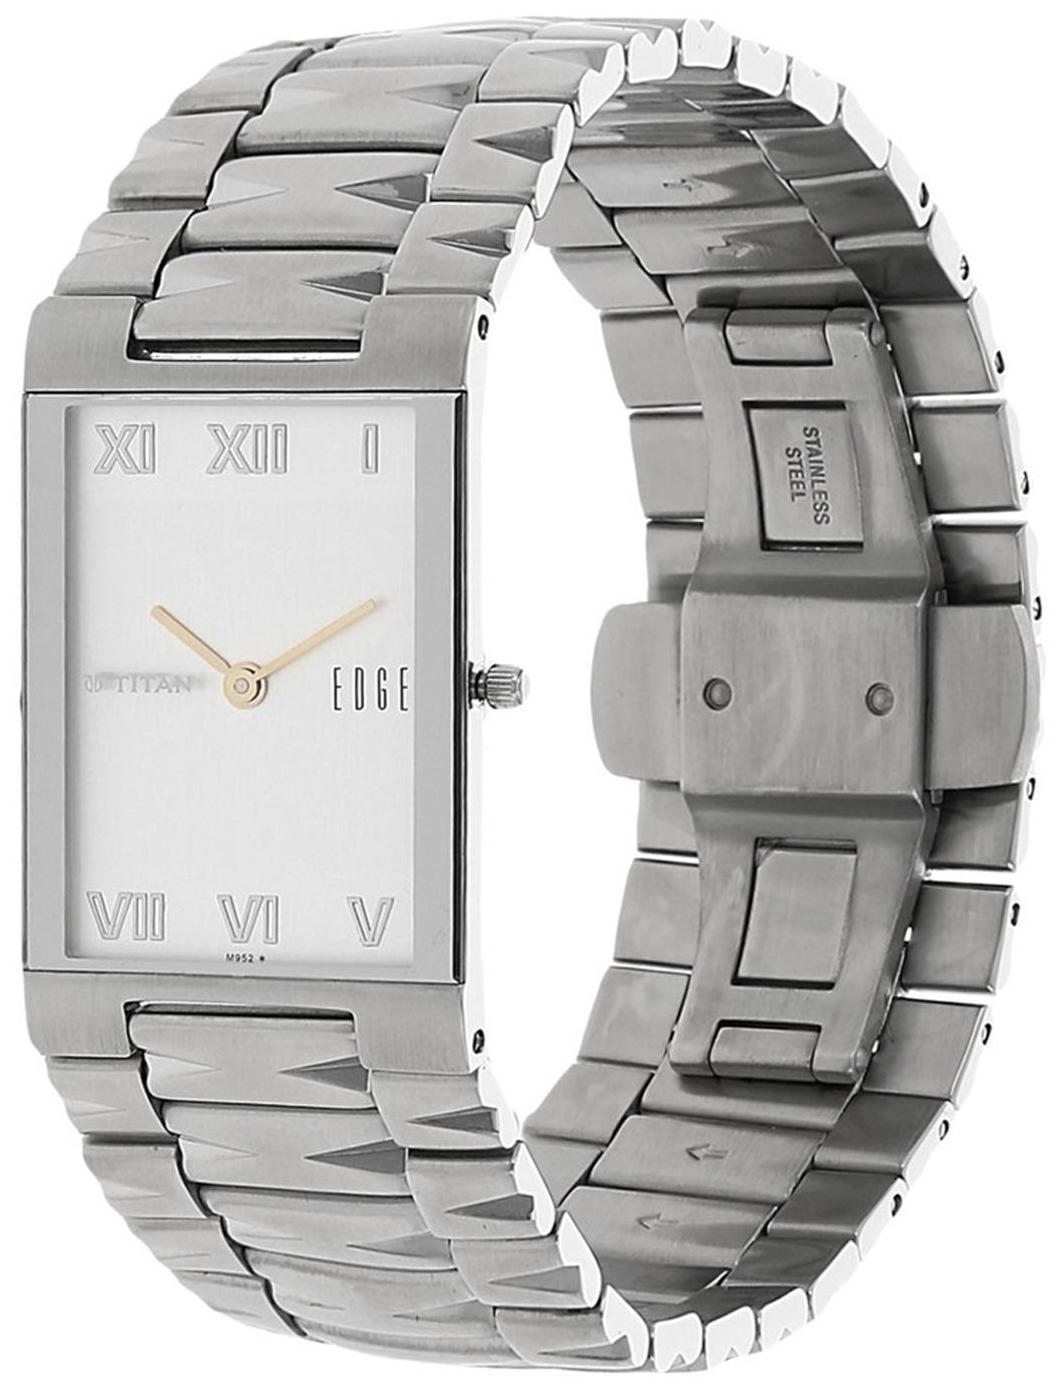 Cần bán đồng hồ nam, siêu mỏng dây kim loại TITAN 1296SM01 (nhập khẩu từ Mỹ)